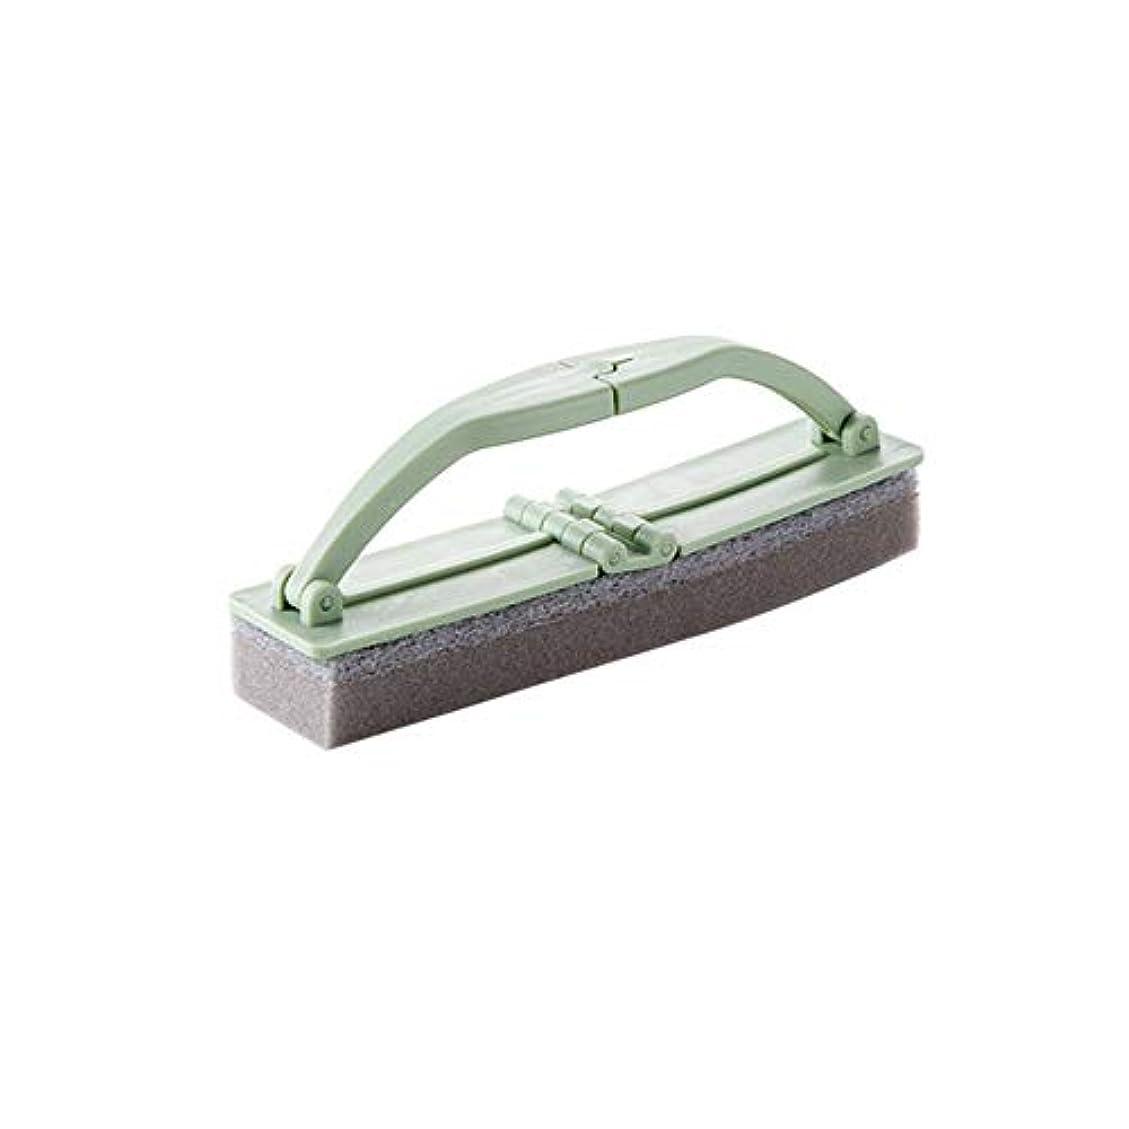 なめる寛容負ポアクリーニング 折りたたみ式の浴室スポンジハンドル付き強力な汚染除去タイルクリーニングスポンジブラシ2 PCS マッサージブラシ (色 : 緑)